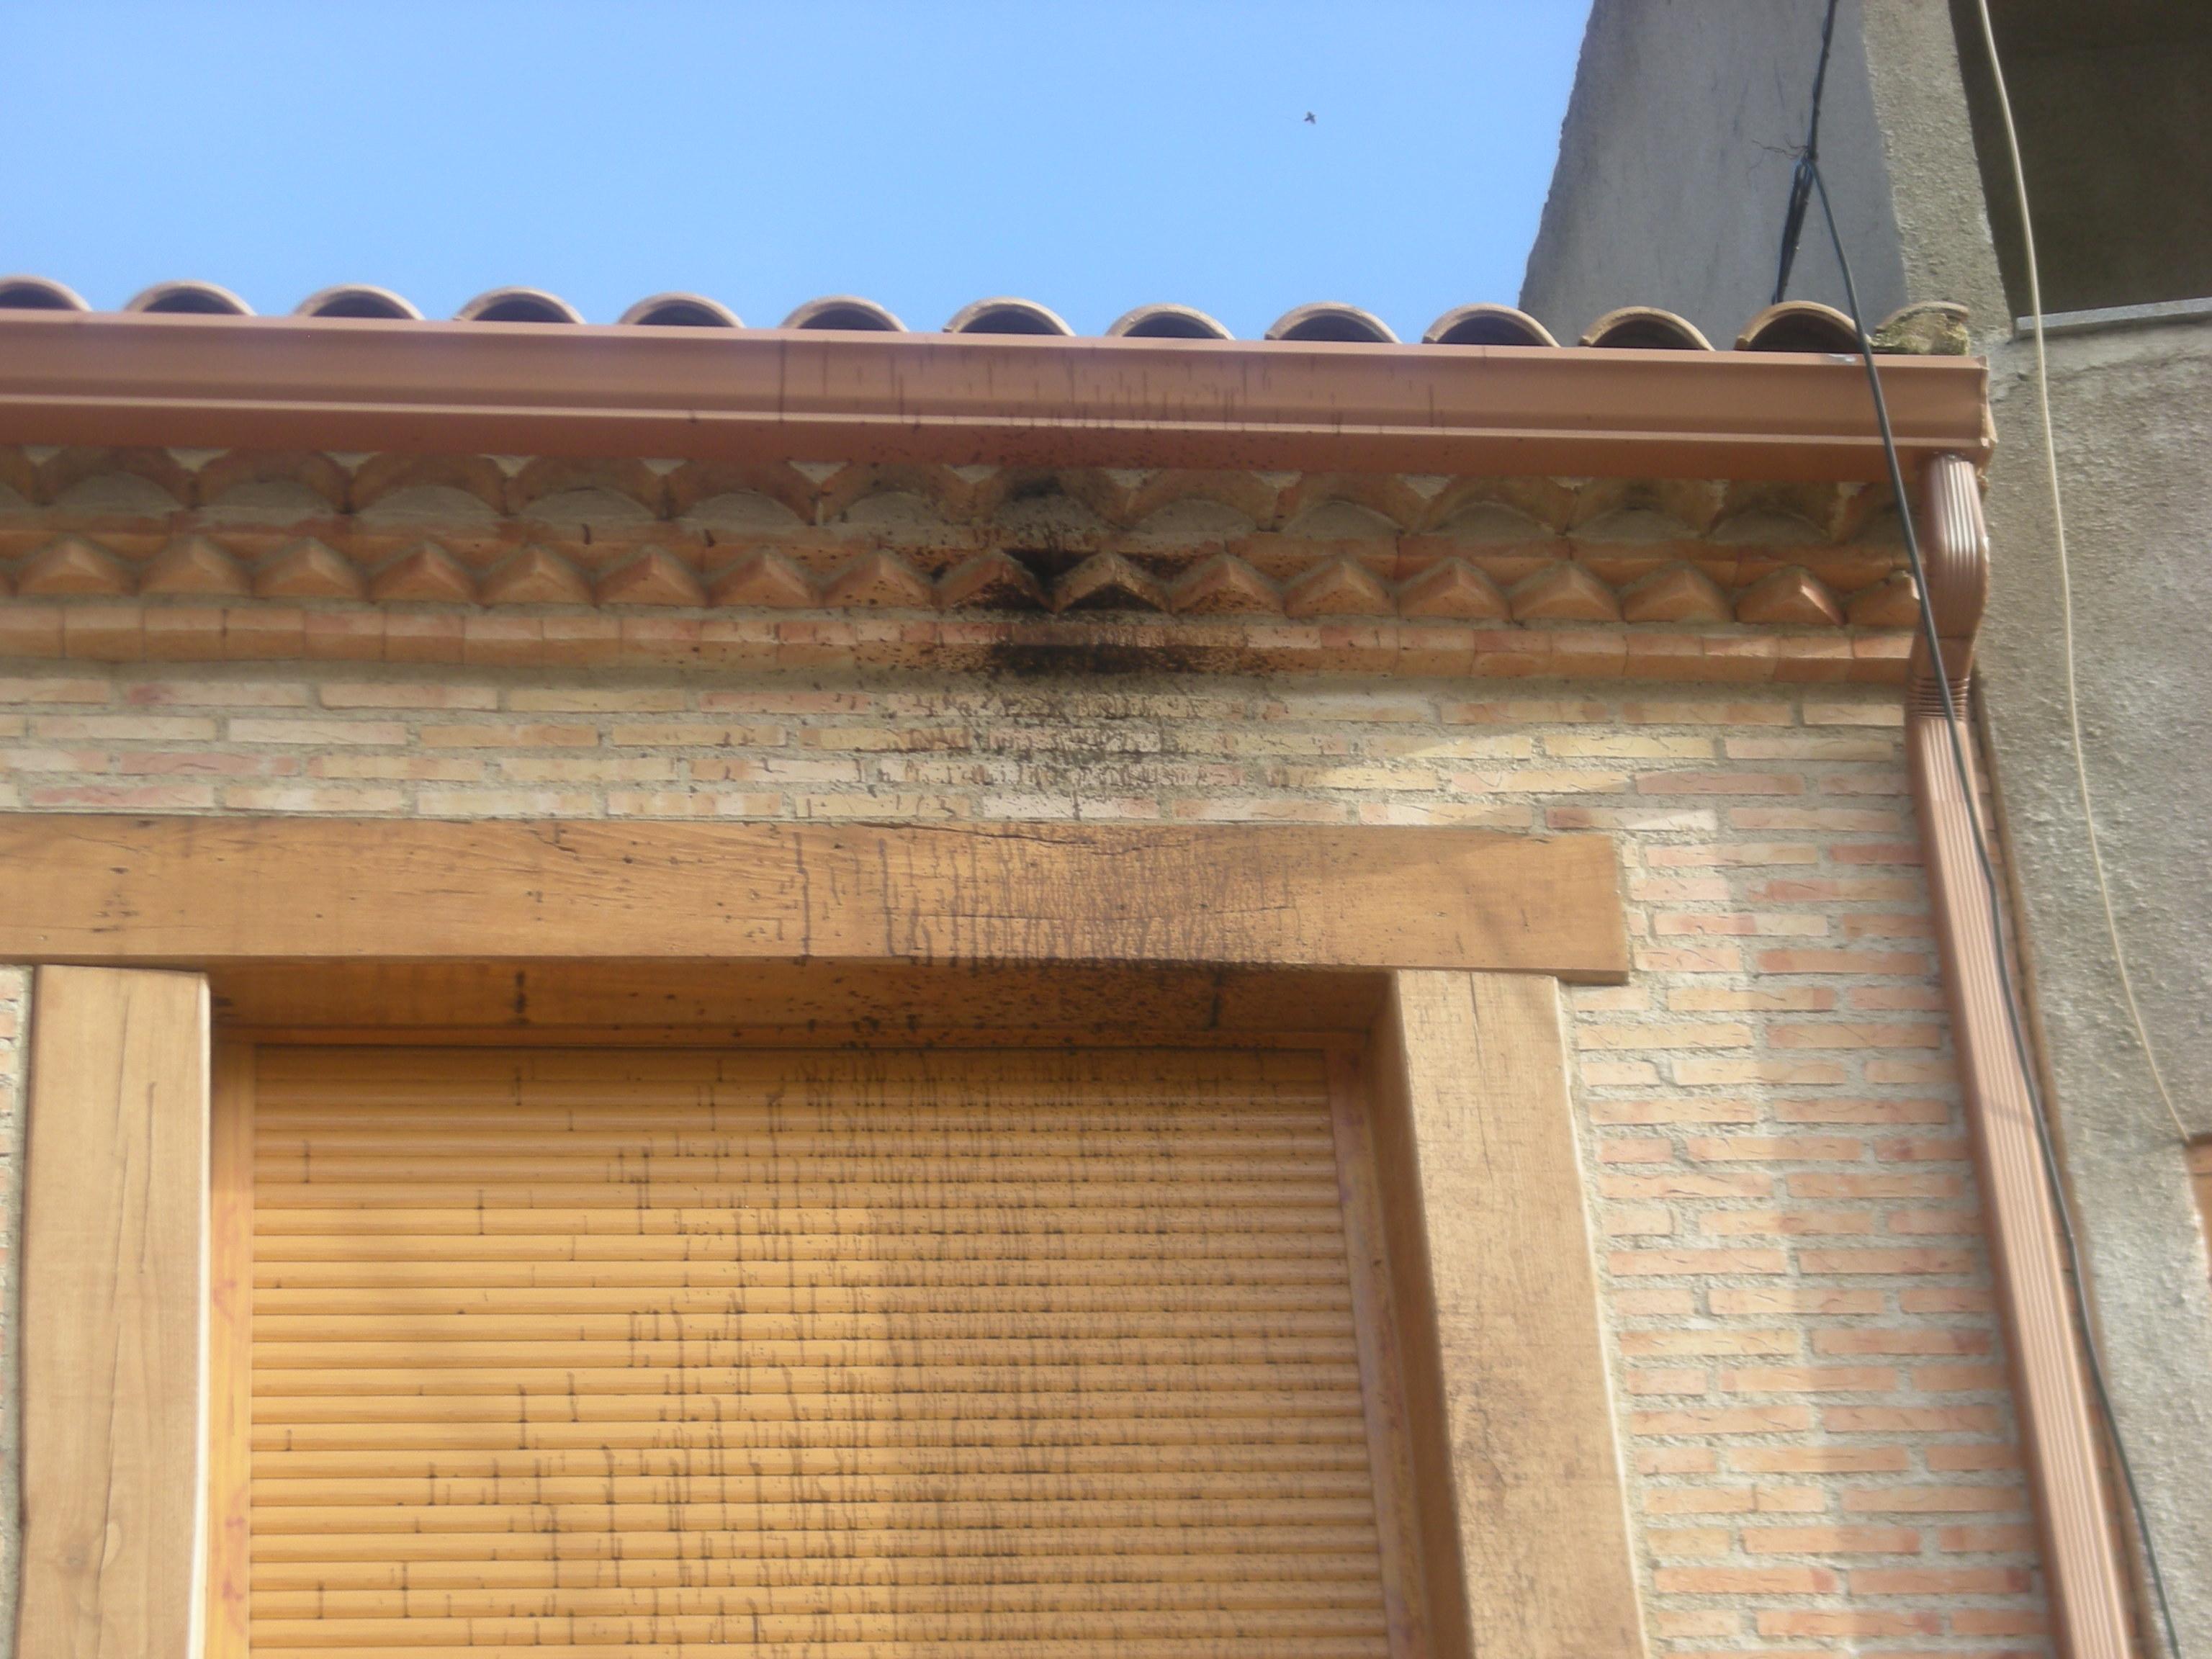 Limpieza de fachada ladrillo visto proyectos limpieza for Fachada de ladrillo